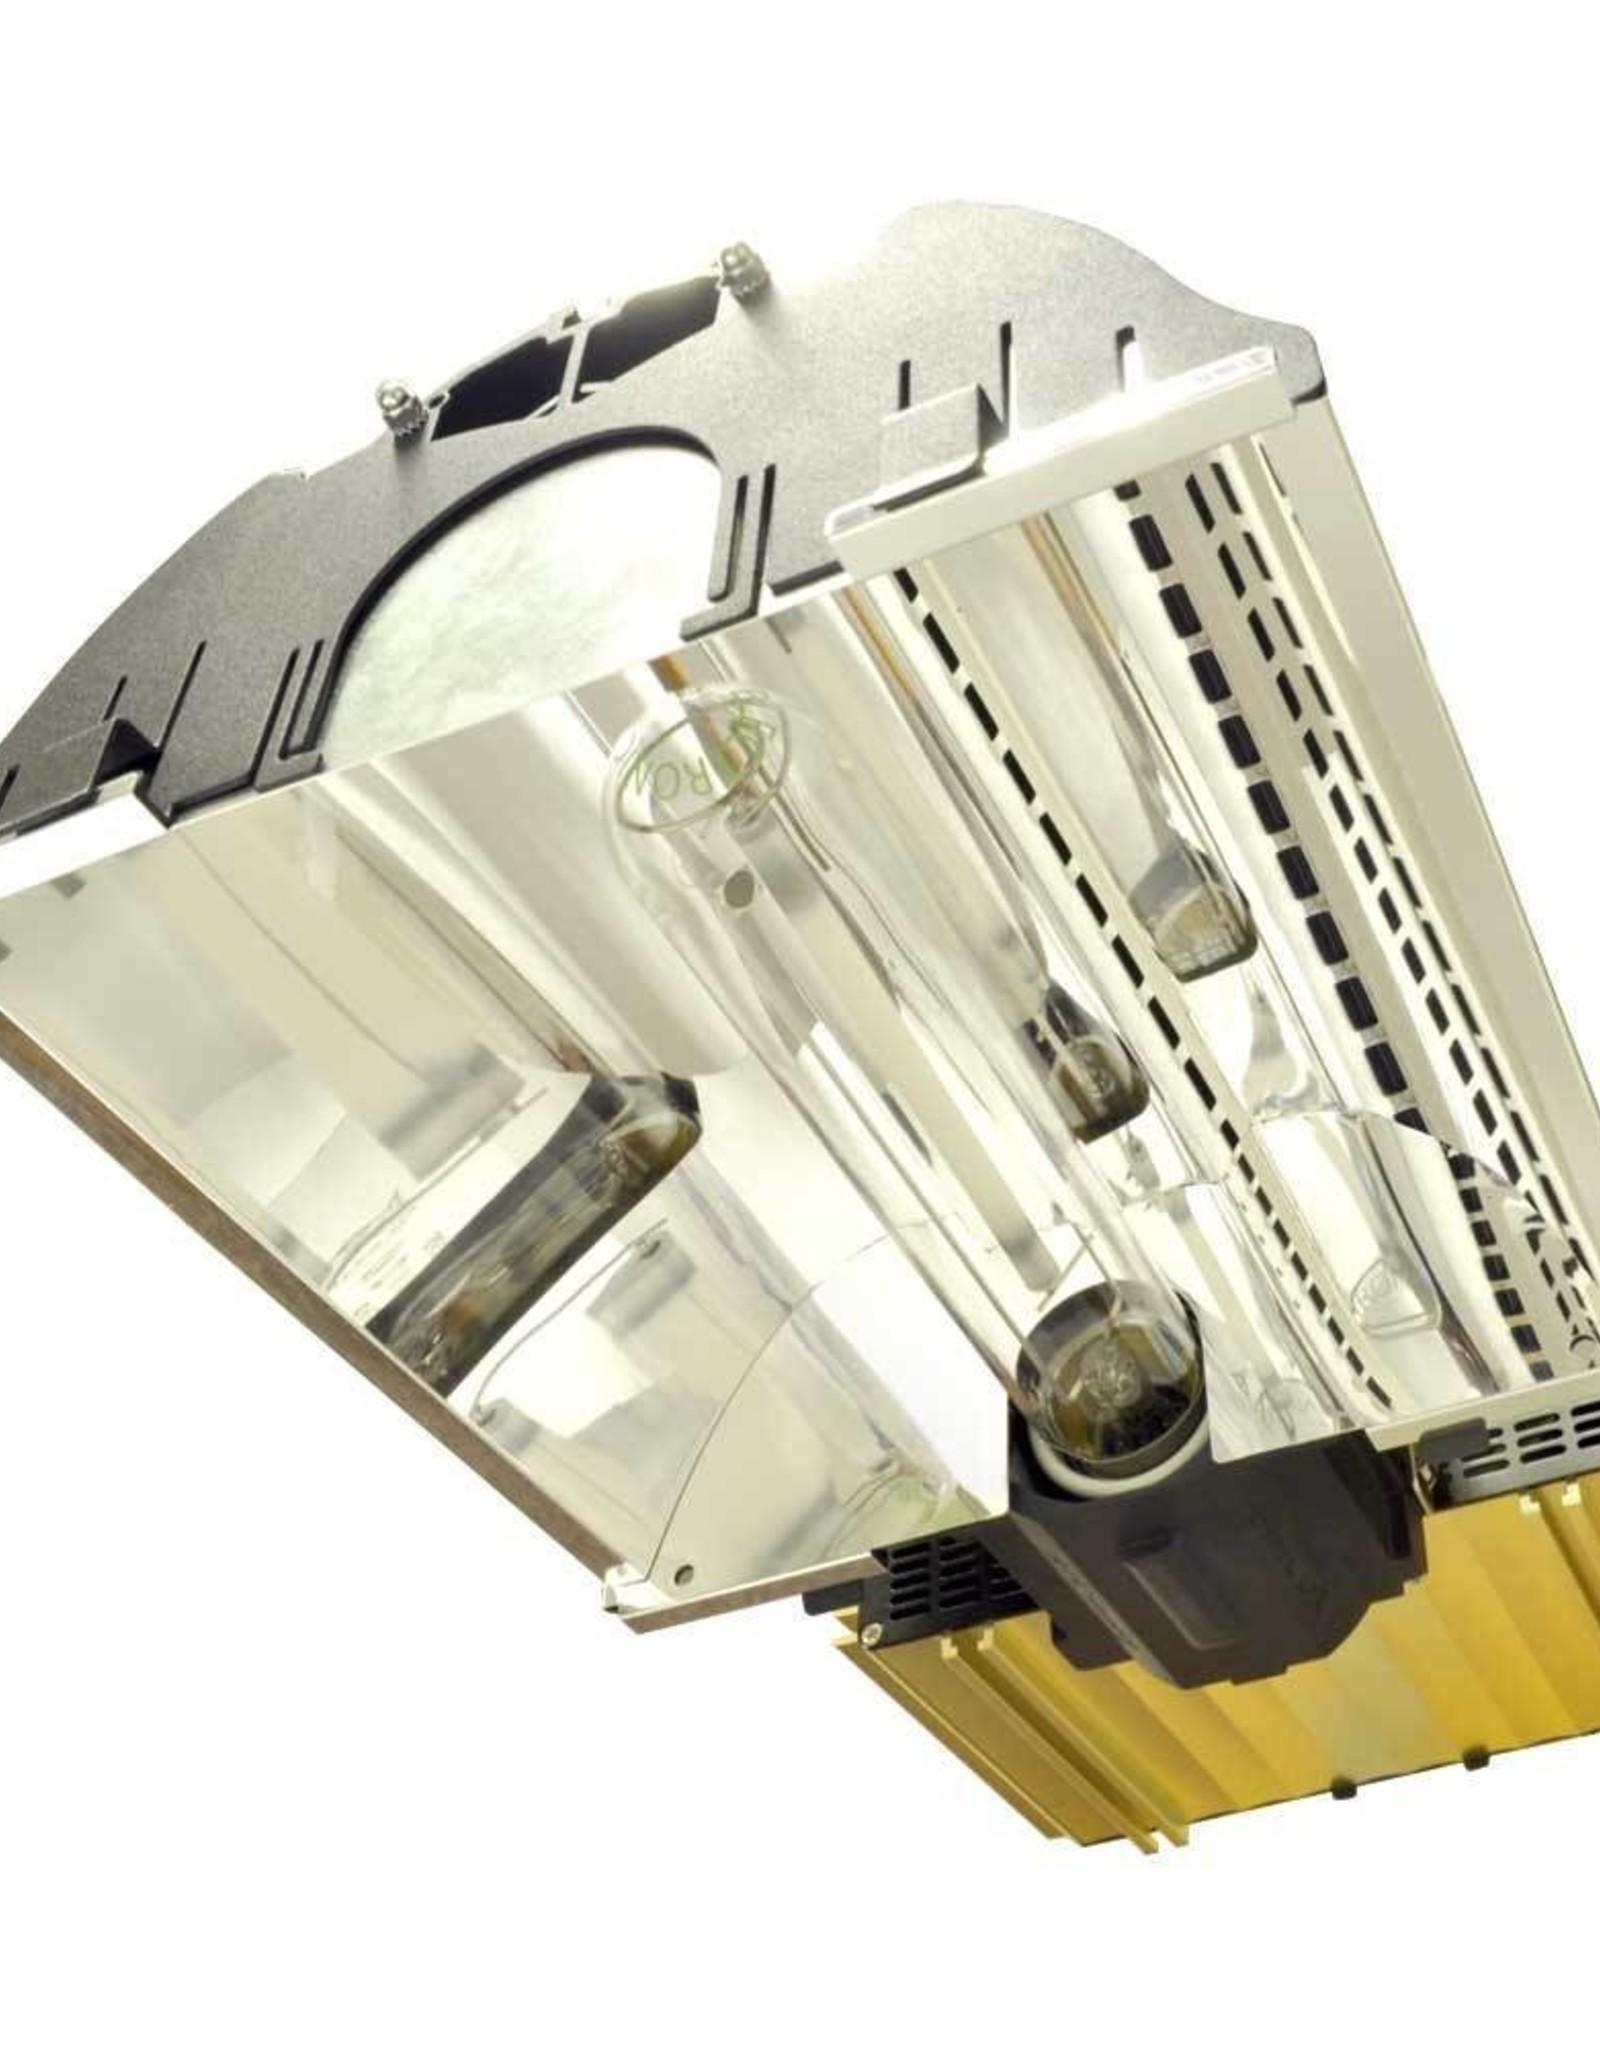 DimLux Expert Series 315W Full Spectrum